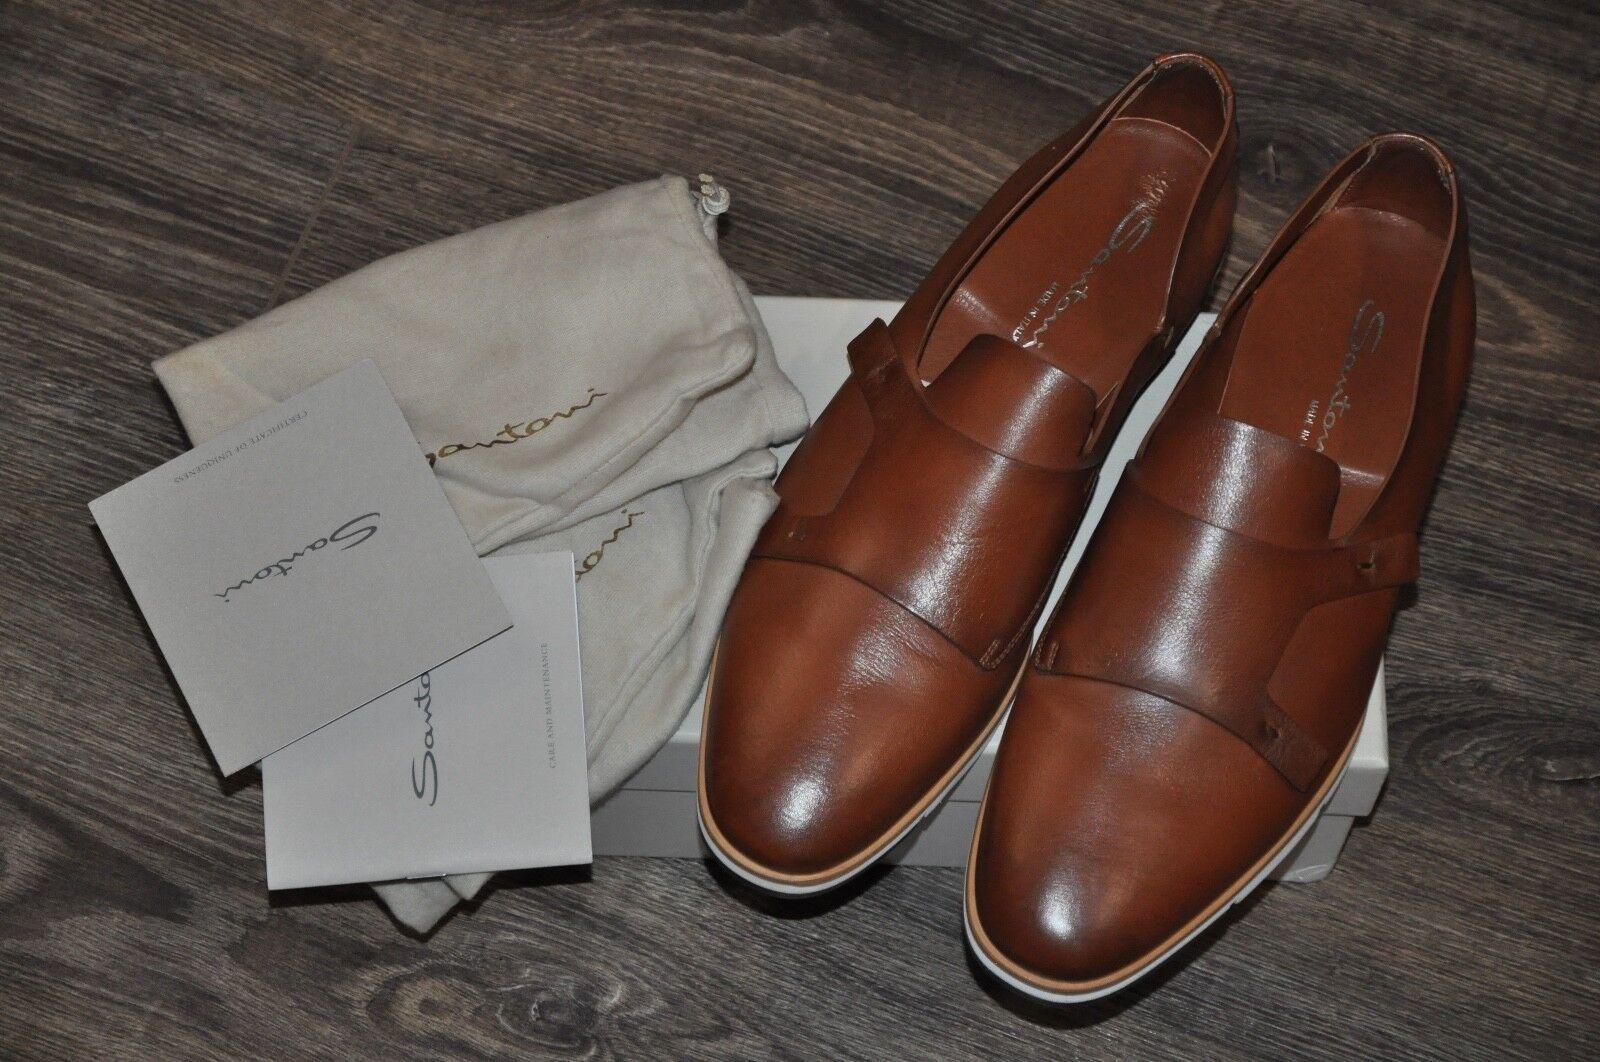 Nuevo Auténtico Doble Monje Correa De Cuero Marrón Santoni Zapatos, UK10 US11